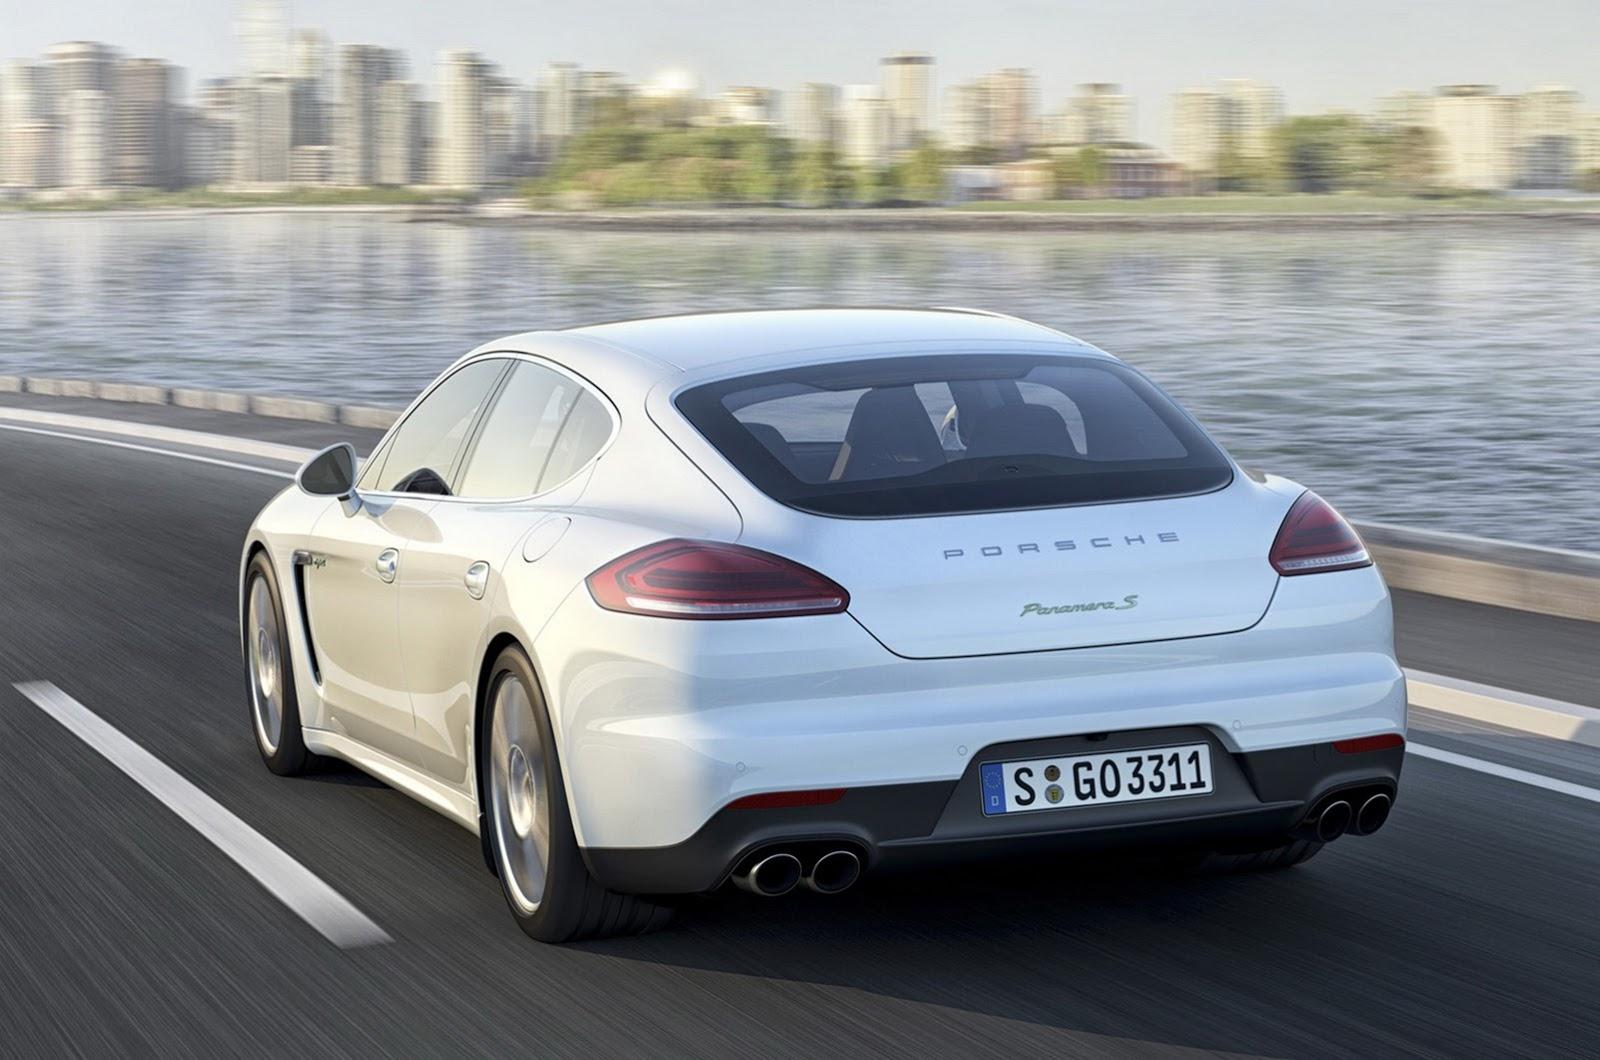 2013 - [Porsche] Panamera restylée - Page 3 2014-Porsche-Panamera-2%25255B2%25255D